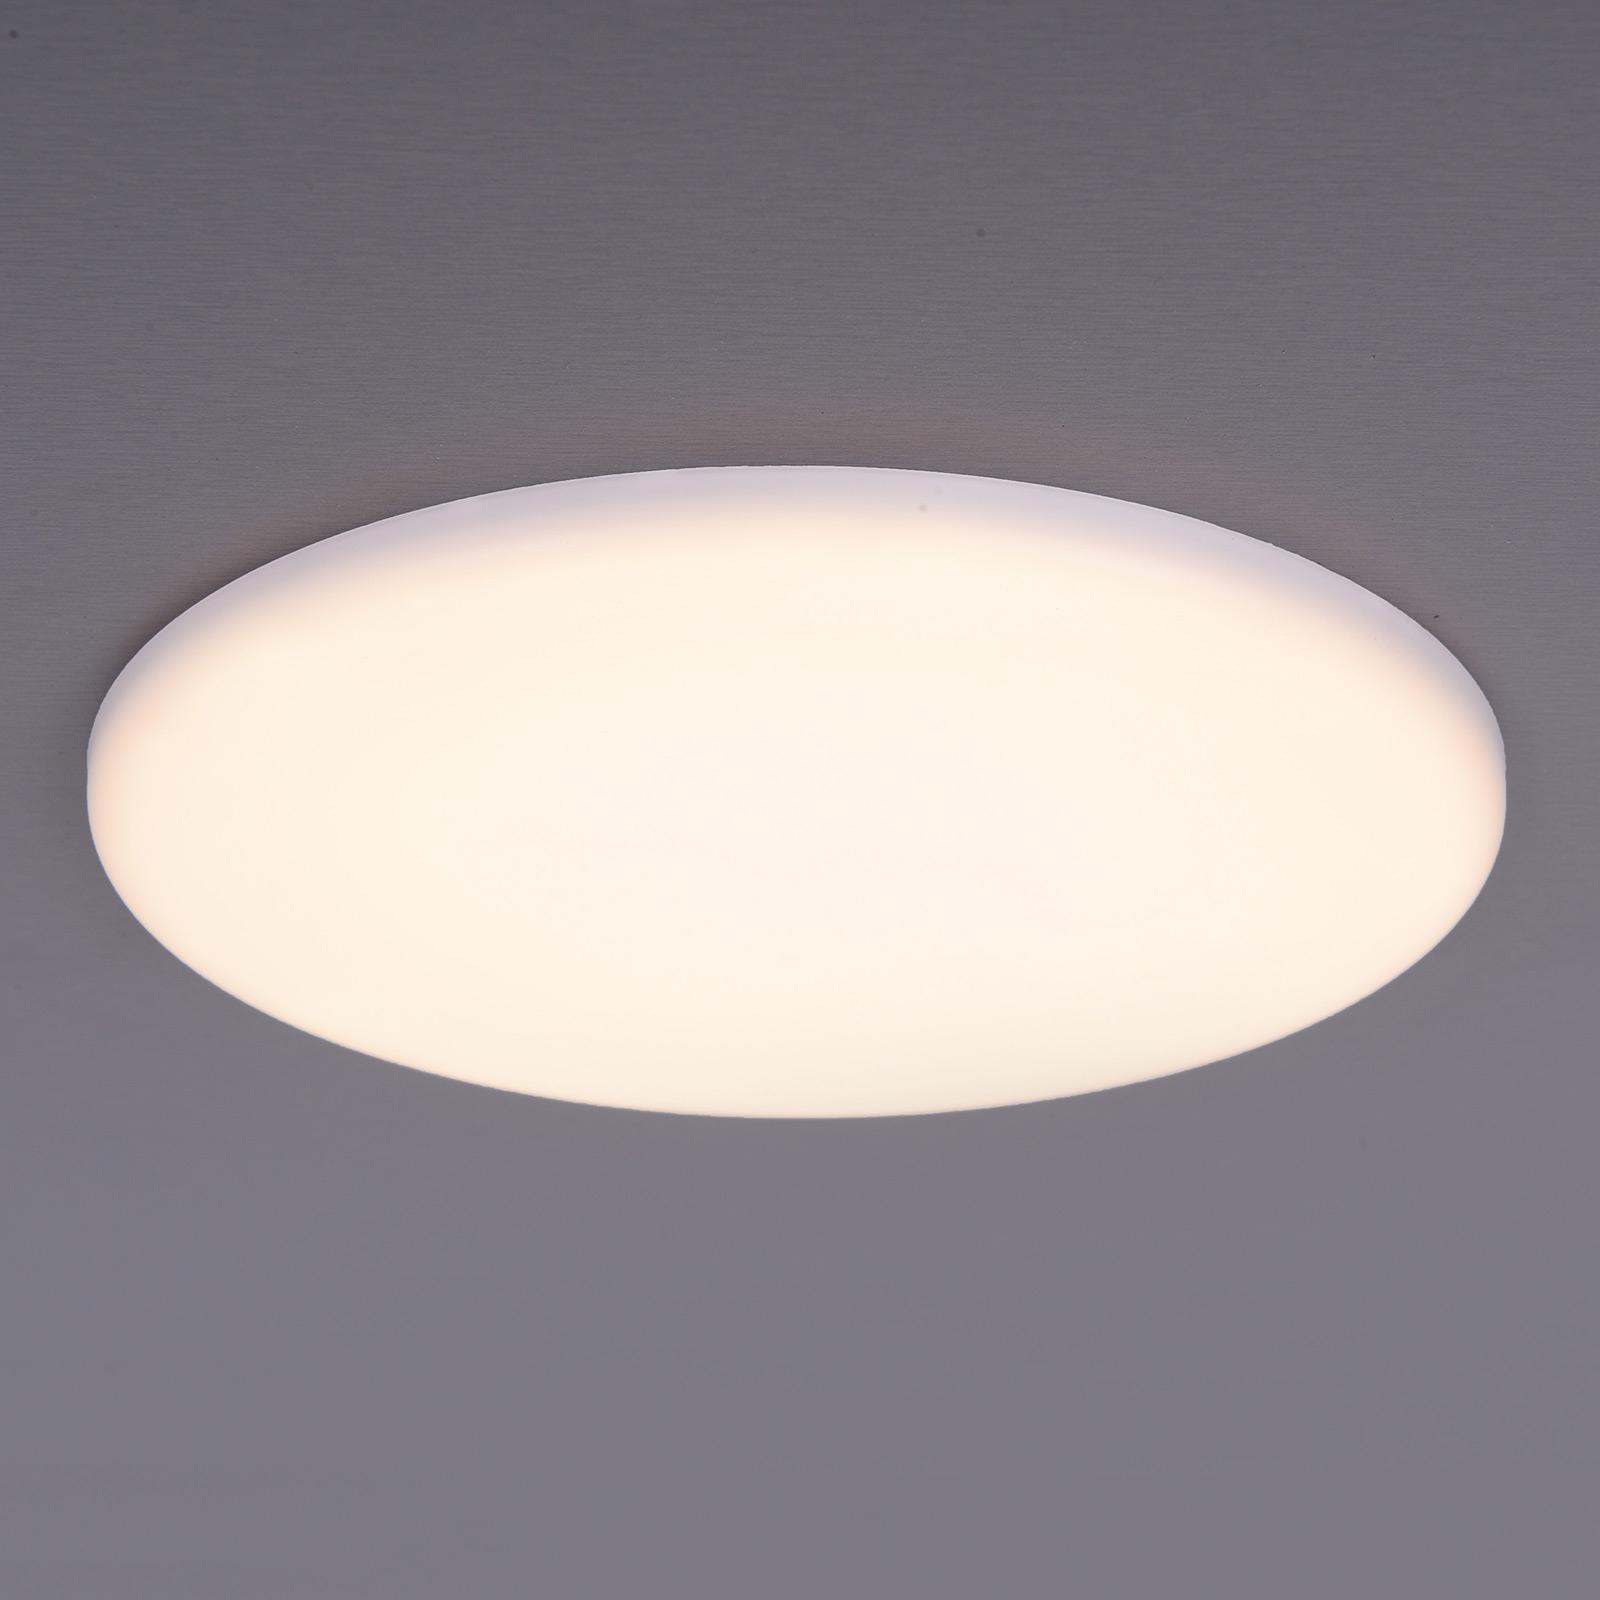 LED-uppovalaisin Sula, pyöreä, IP66, Ø 21,5 cm